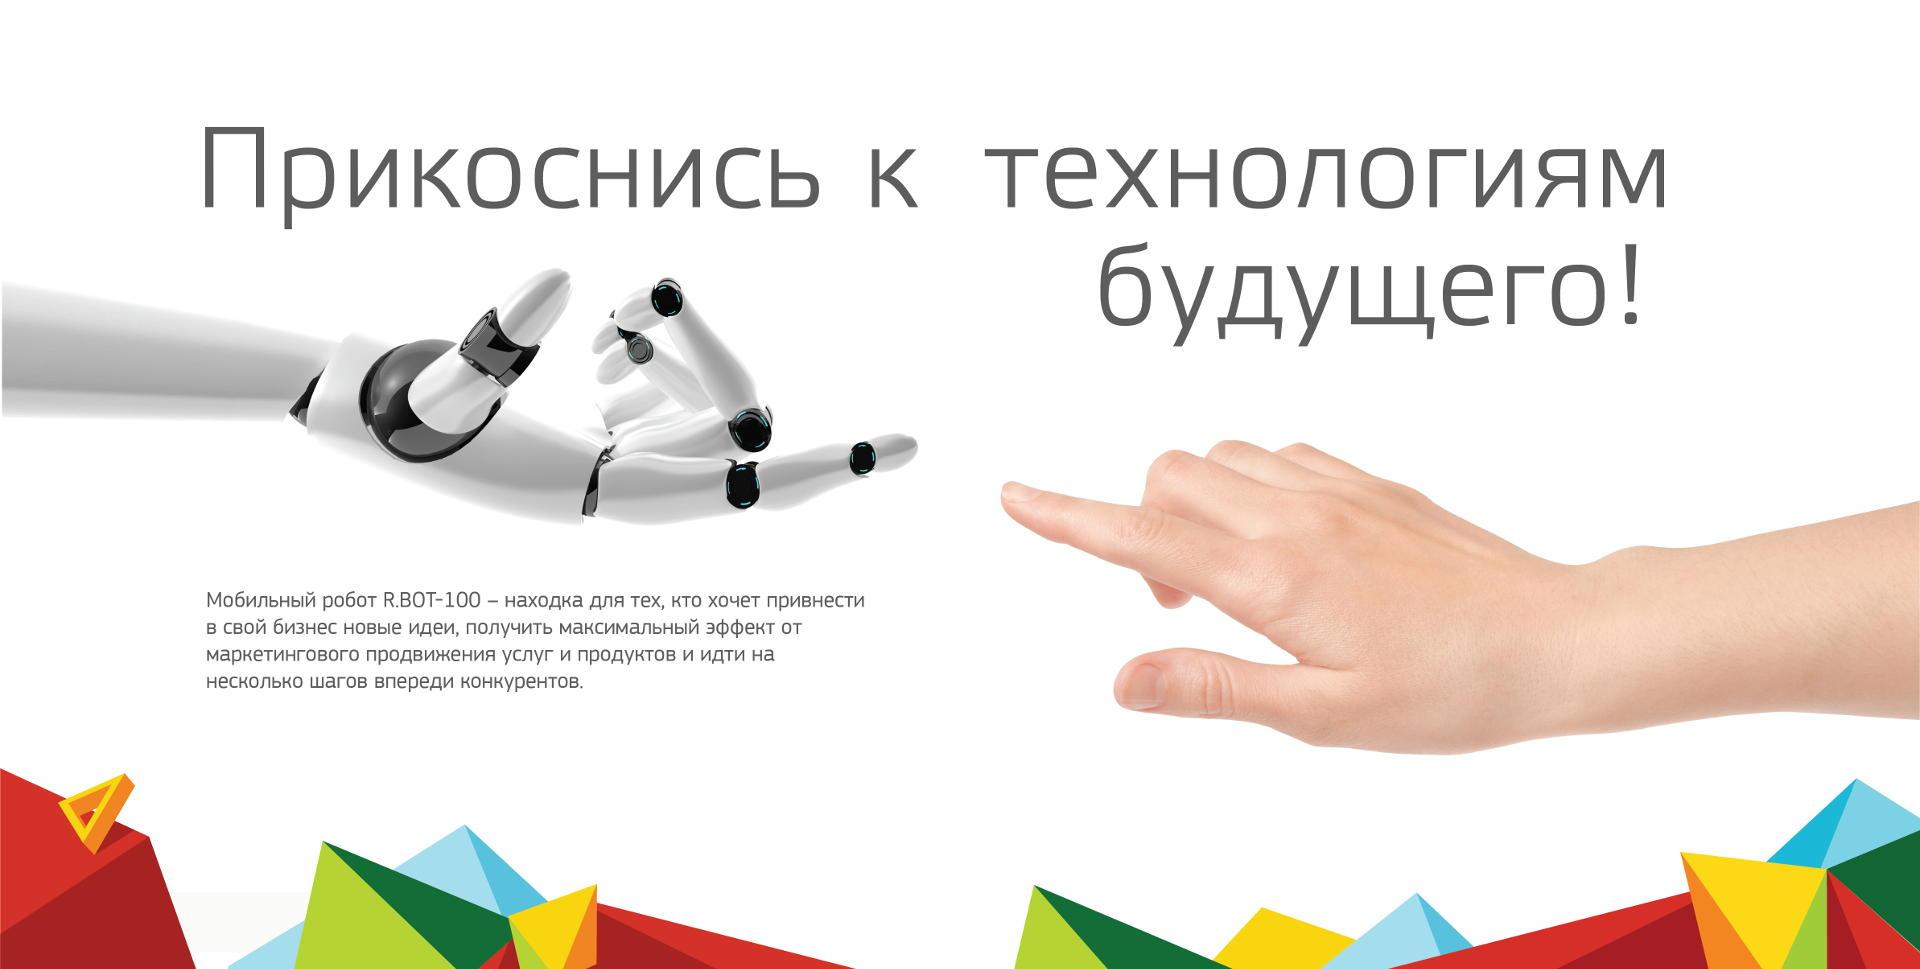 Development презентации для IT компании